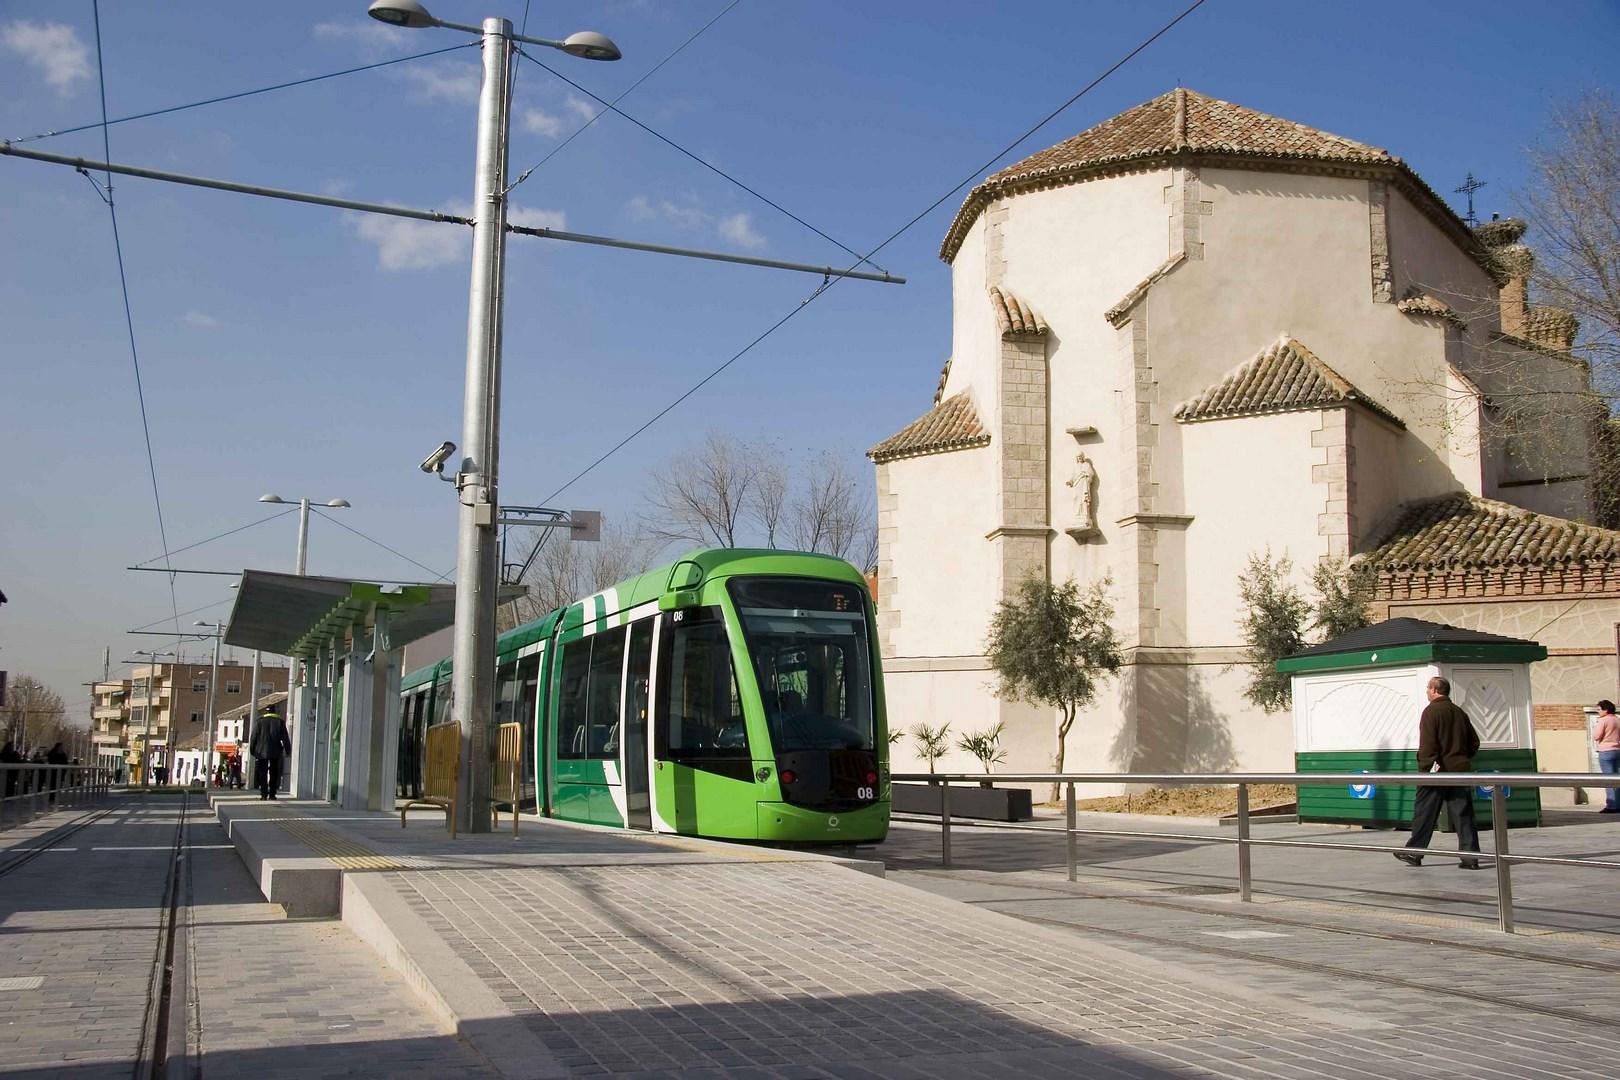 Diciembre. Tranvía de Parla. Madrid